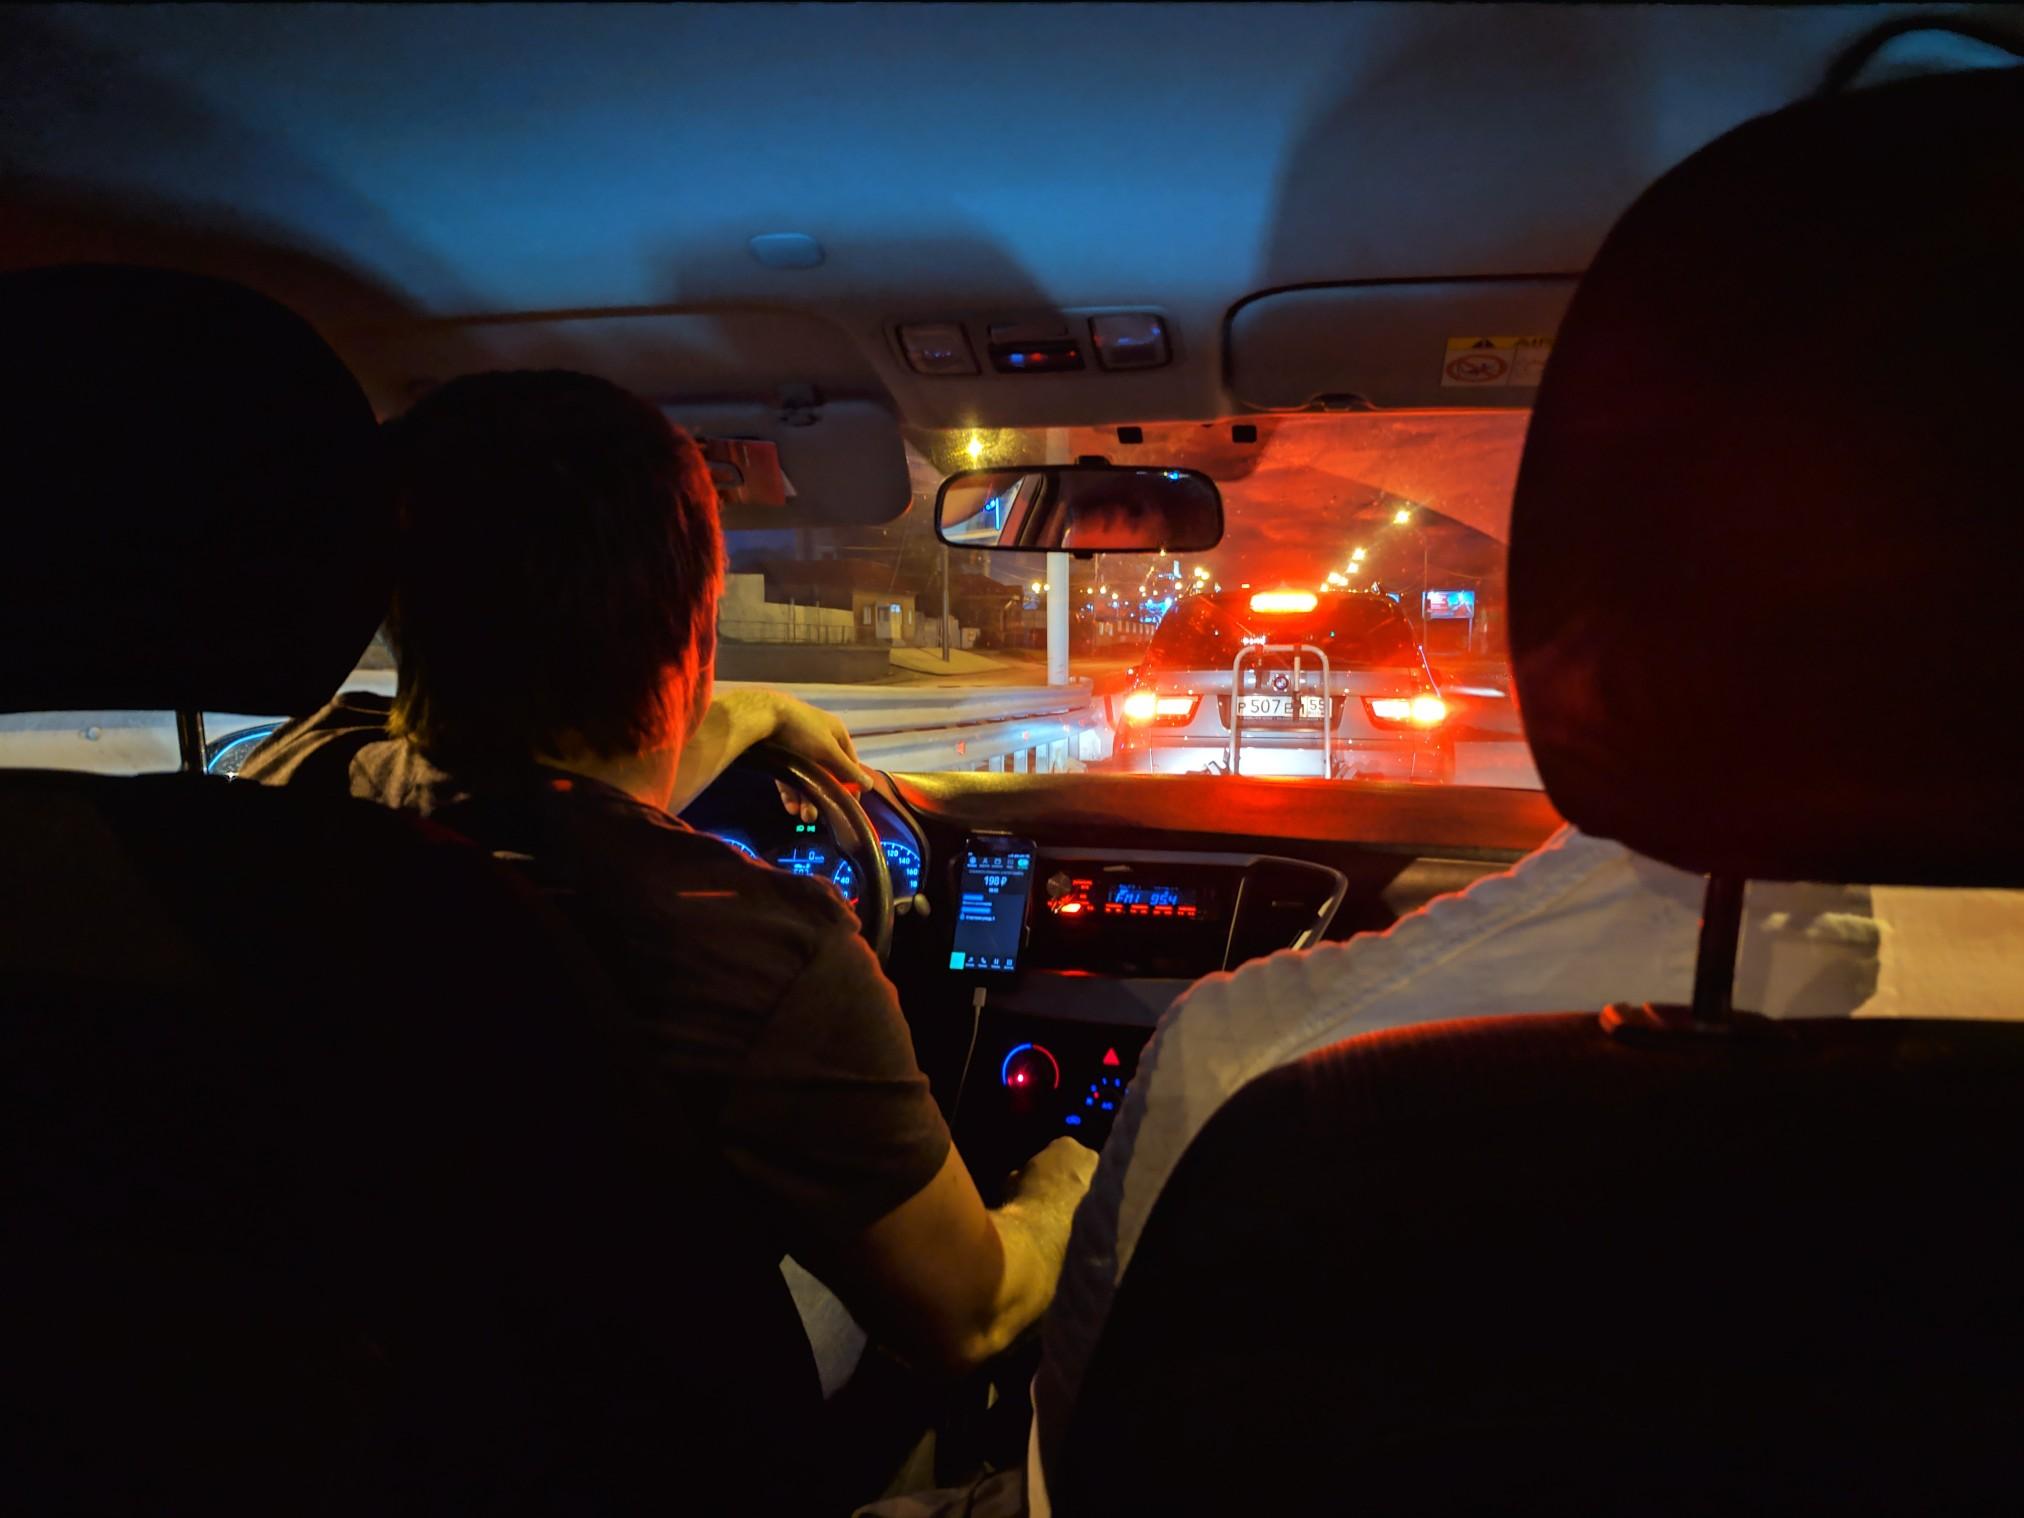 урок фото в такси ночью с заднего сидения вру